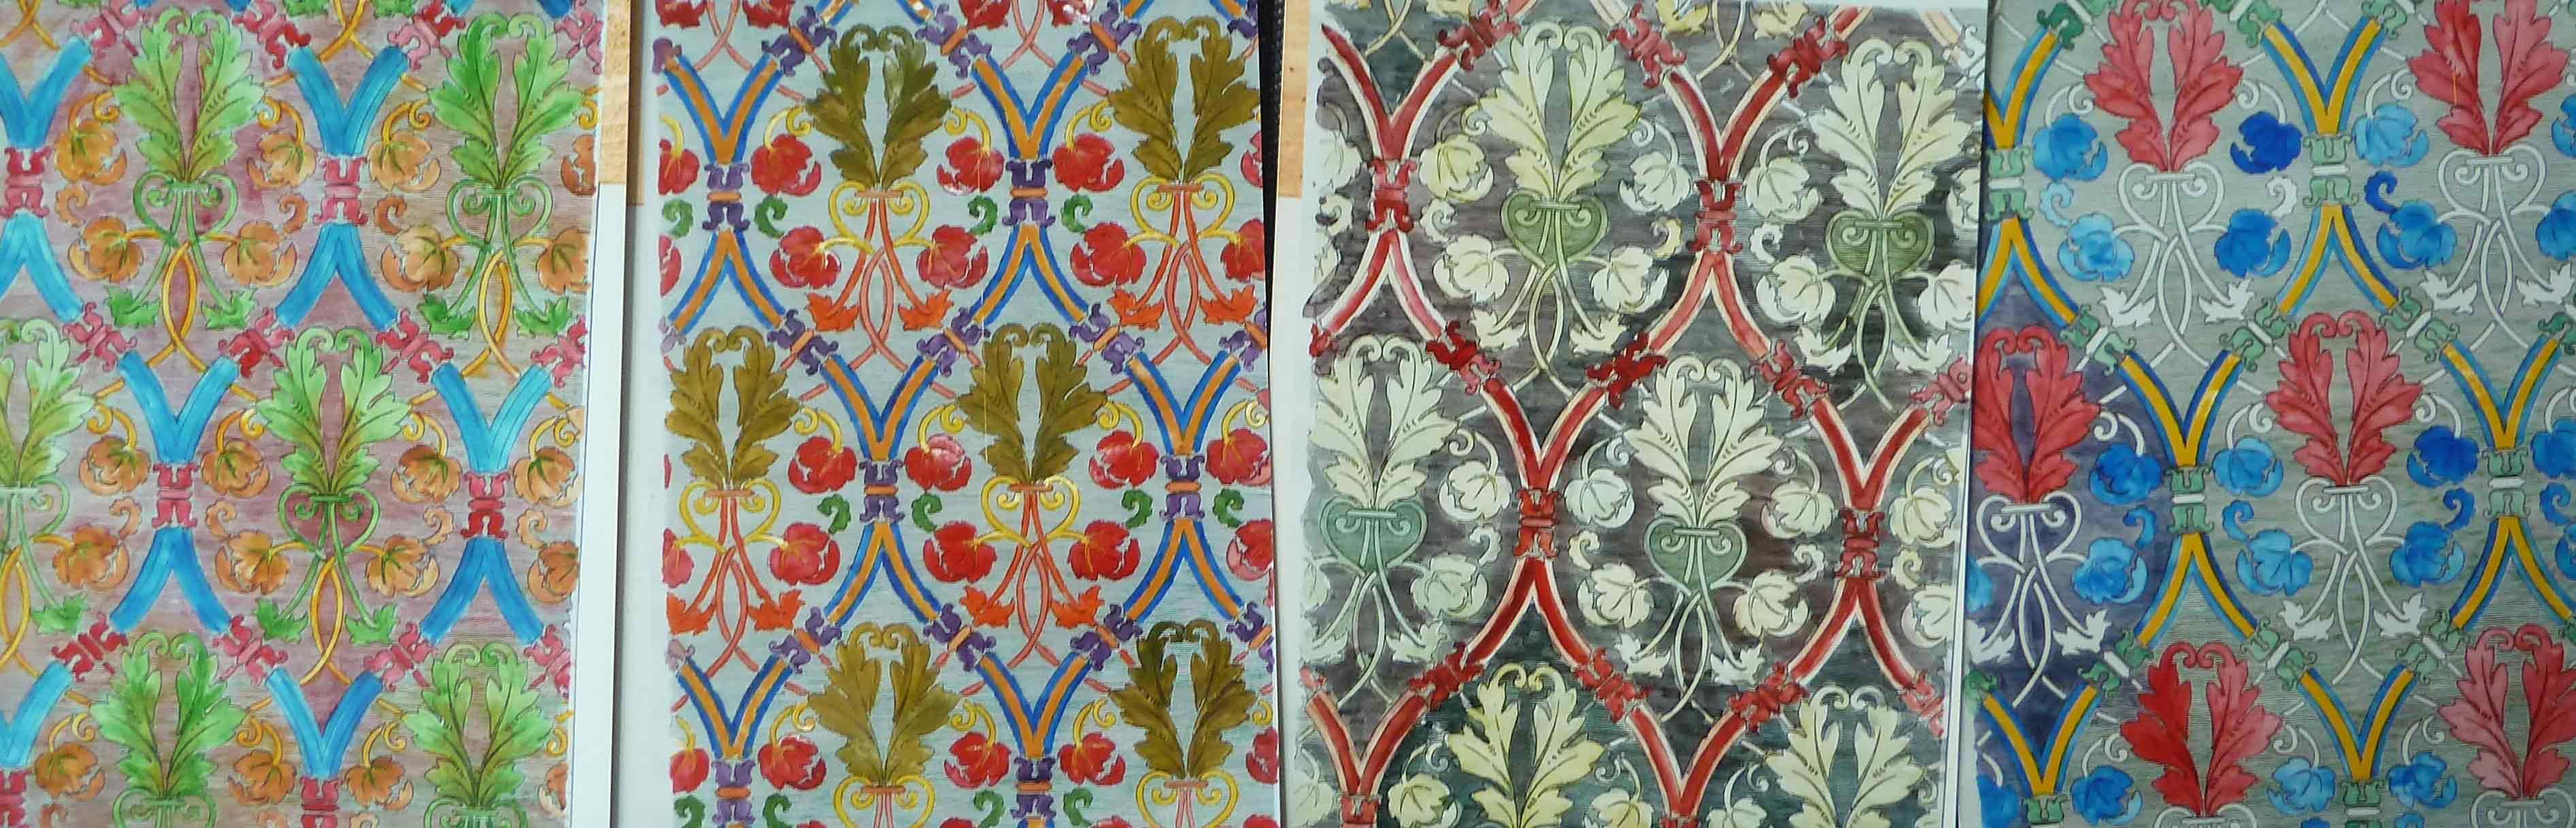 vier Bilder mit verschiedenen Farbgebungen der Muster